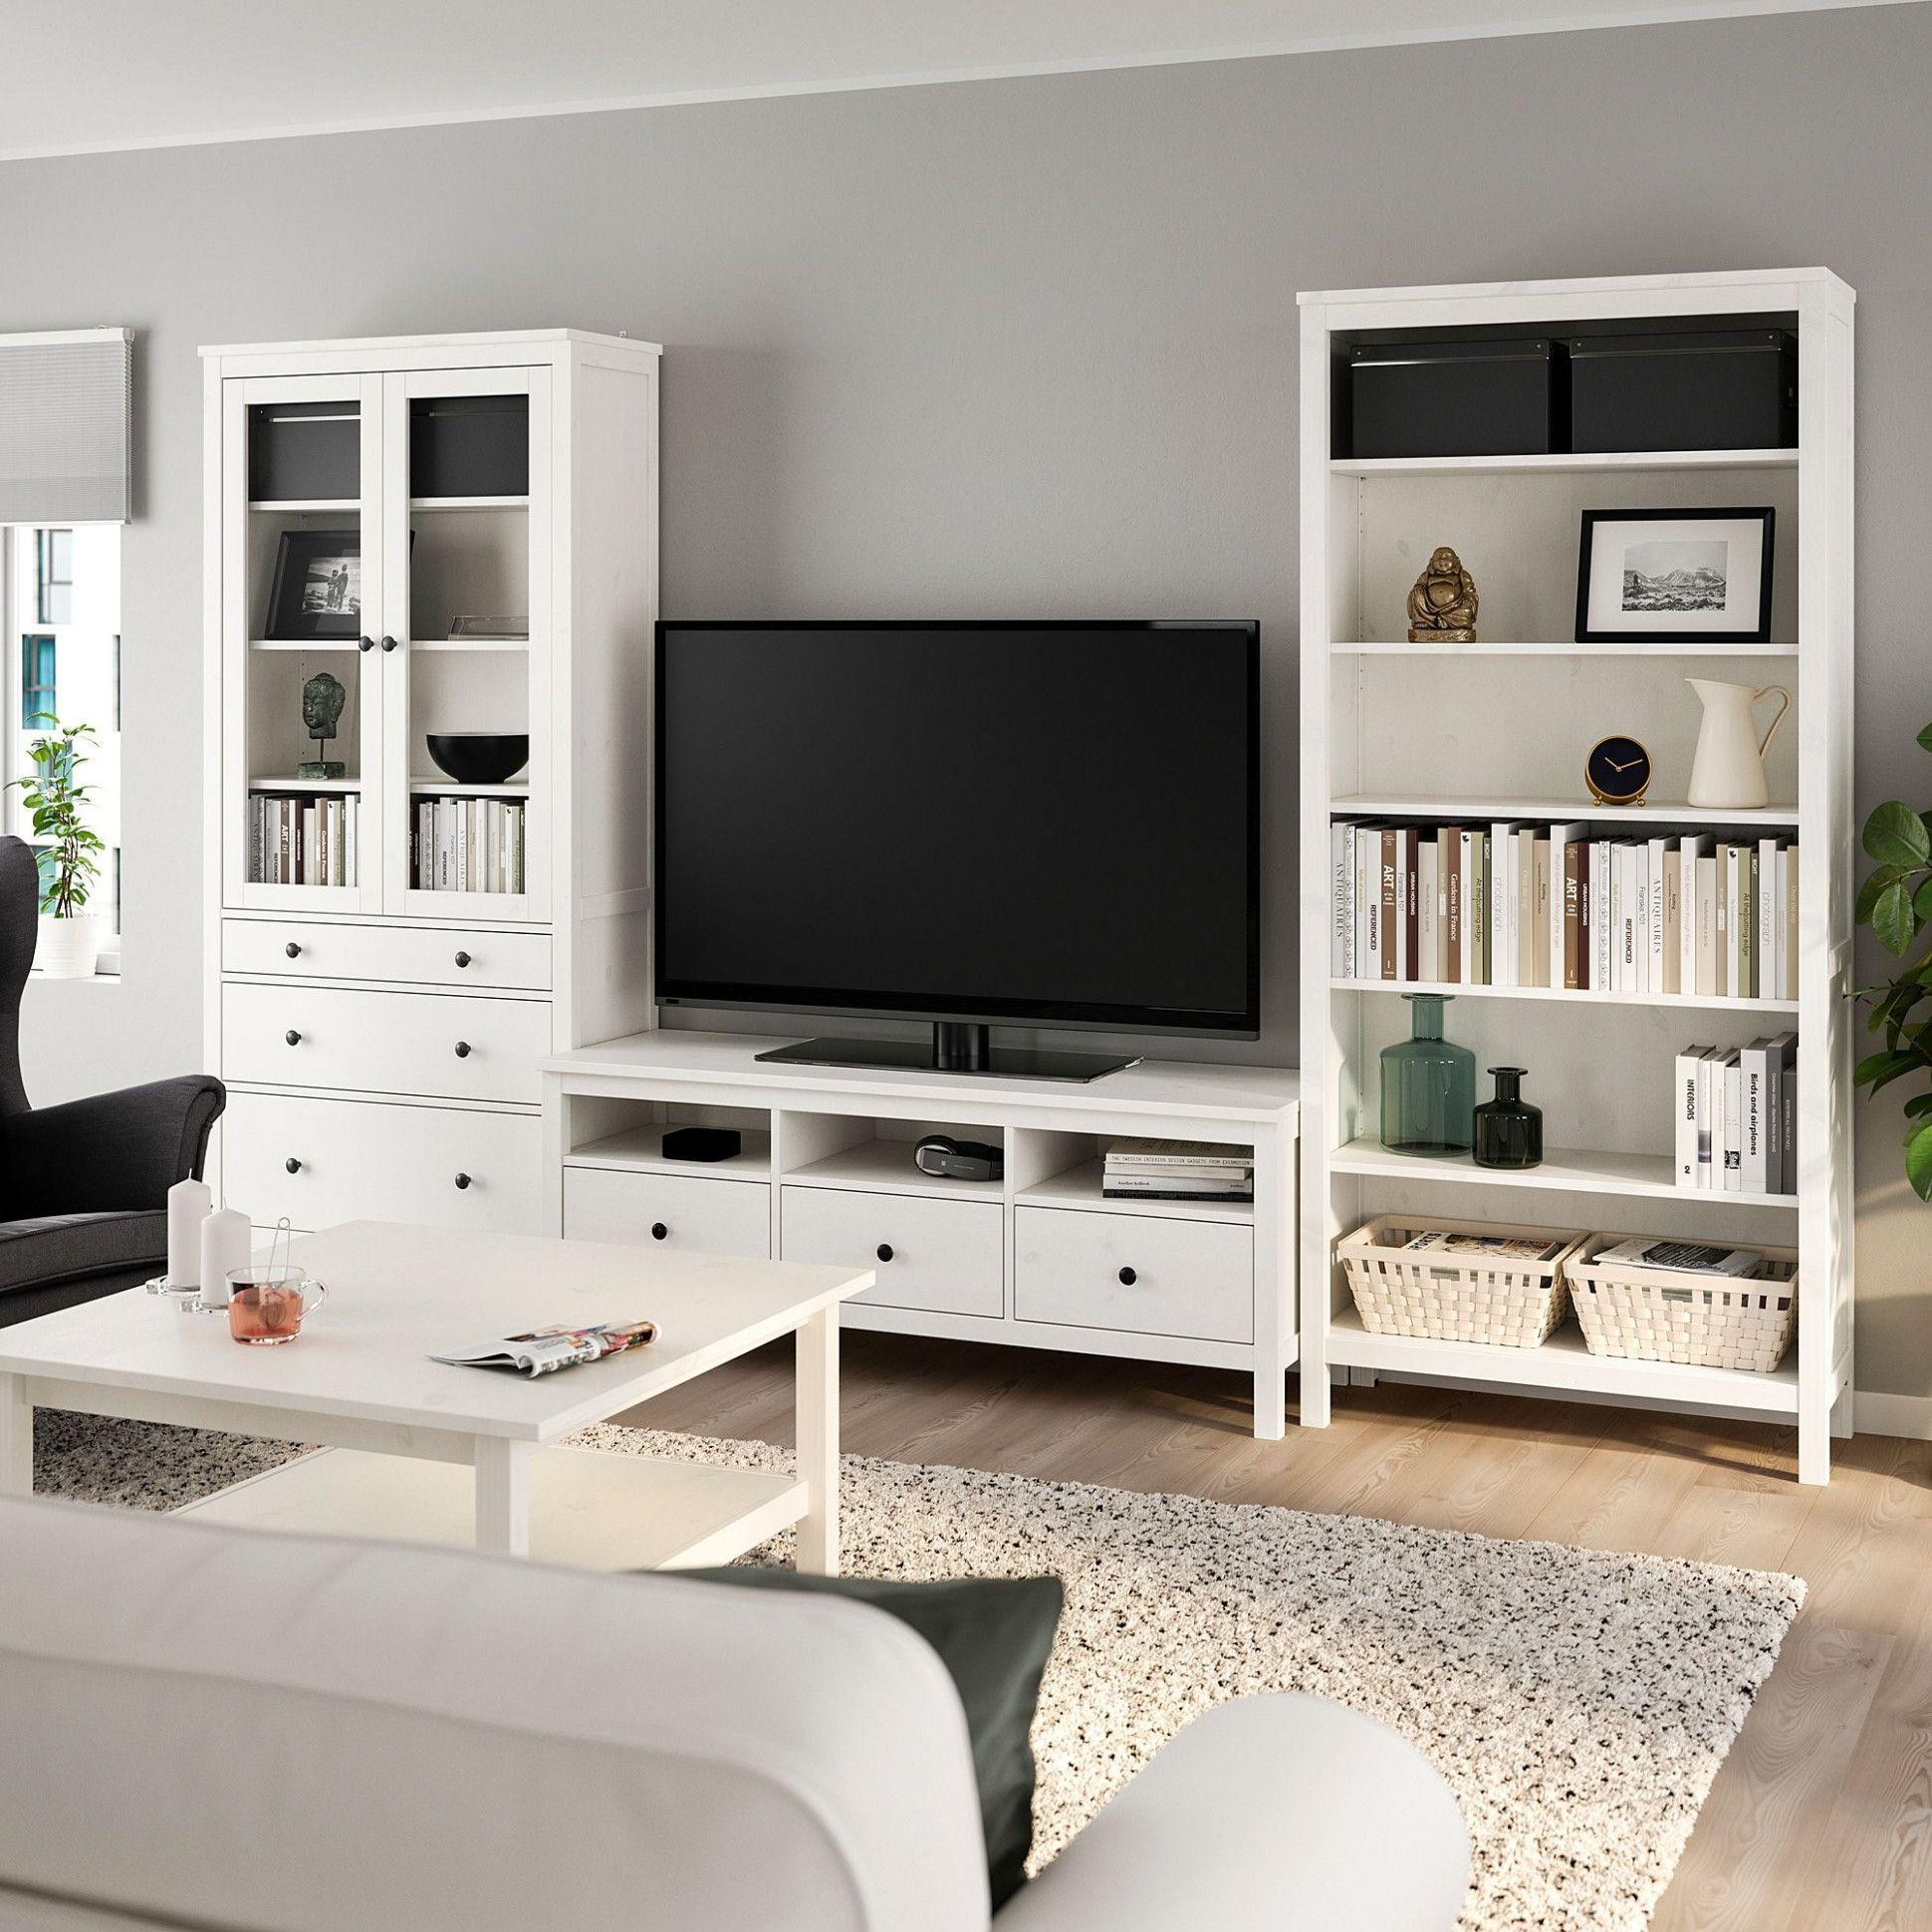 9 Ikea Hemnes Wohnzimmer Schrank in 9  Tv möbel kombination